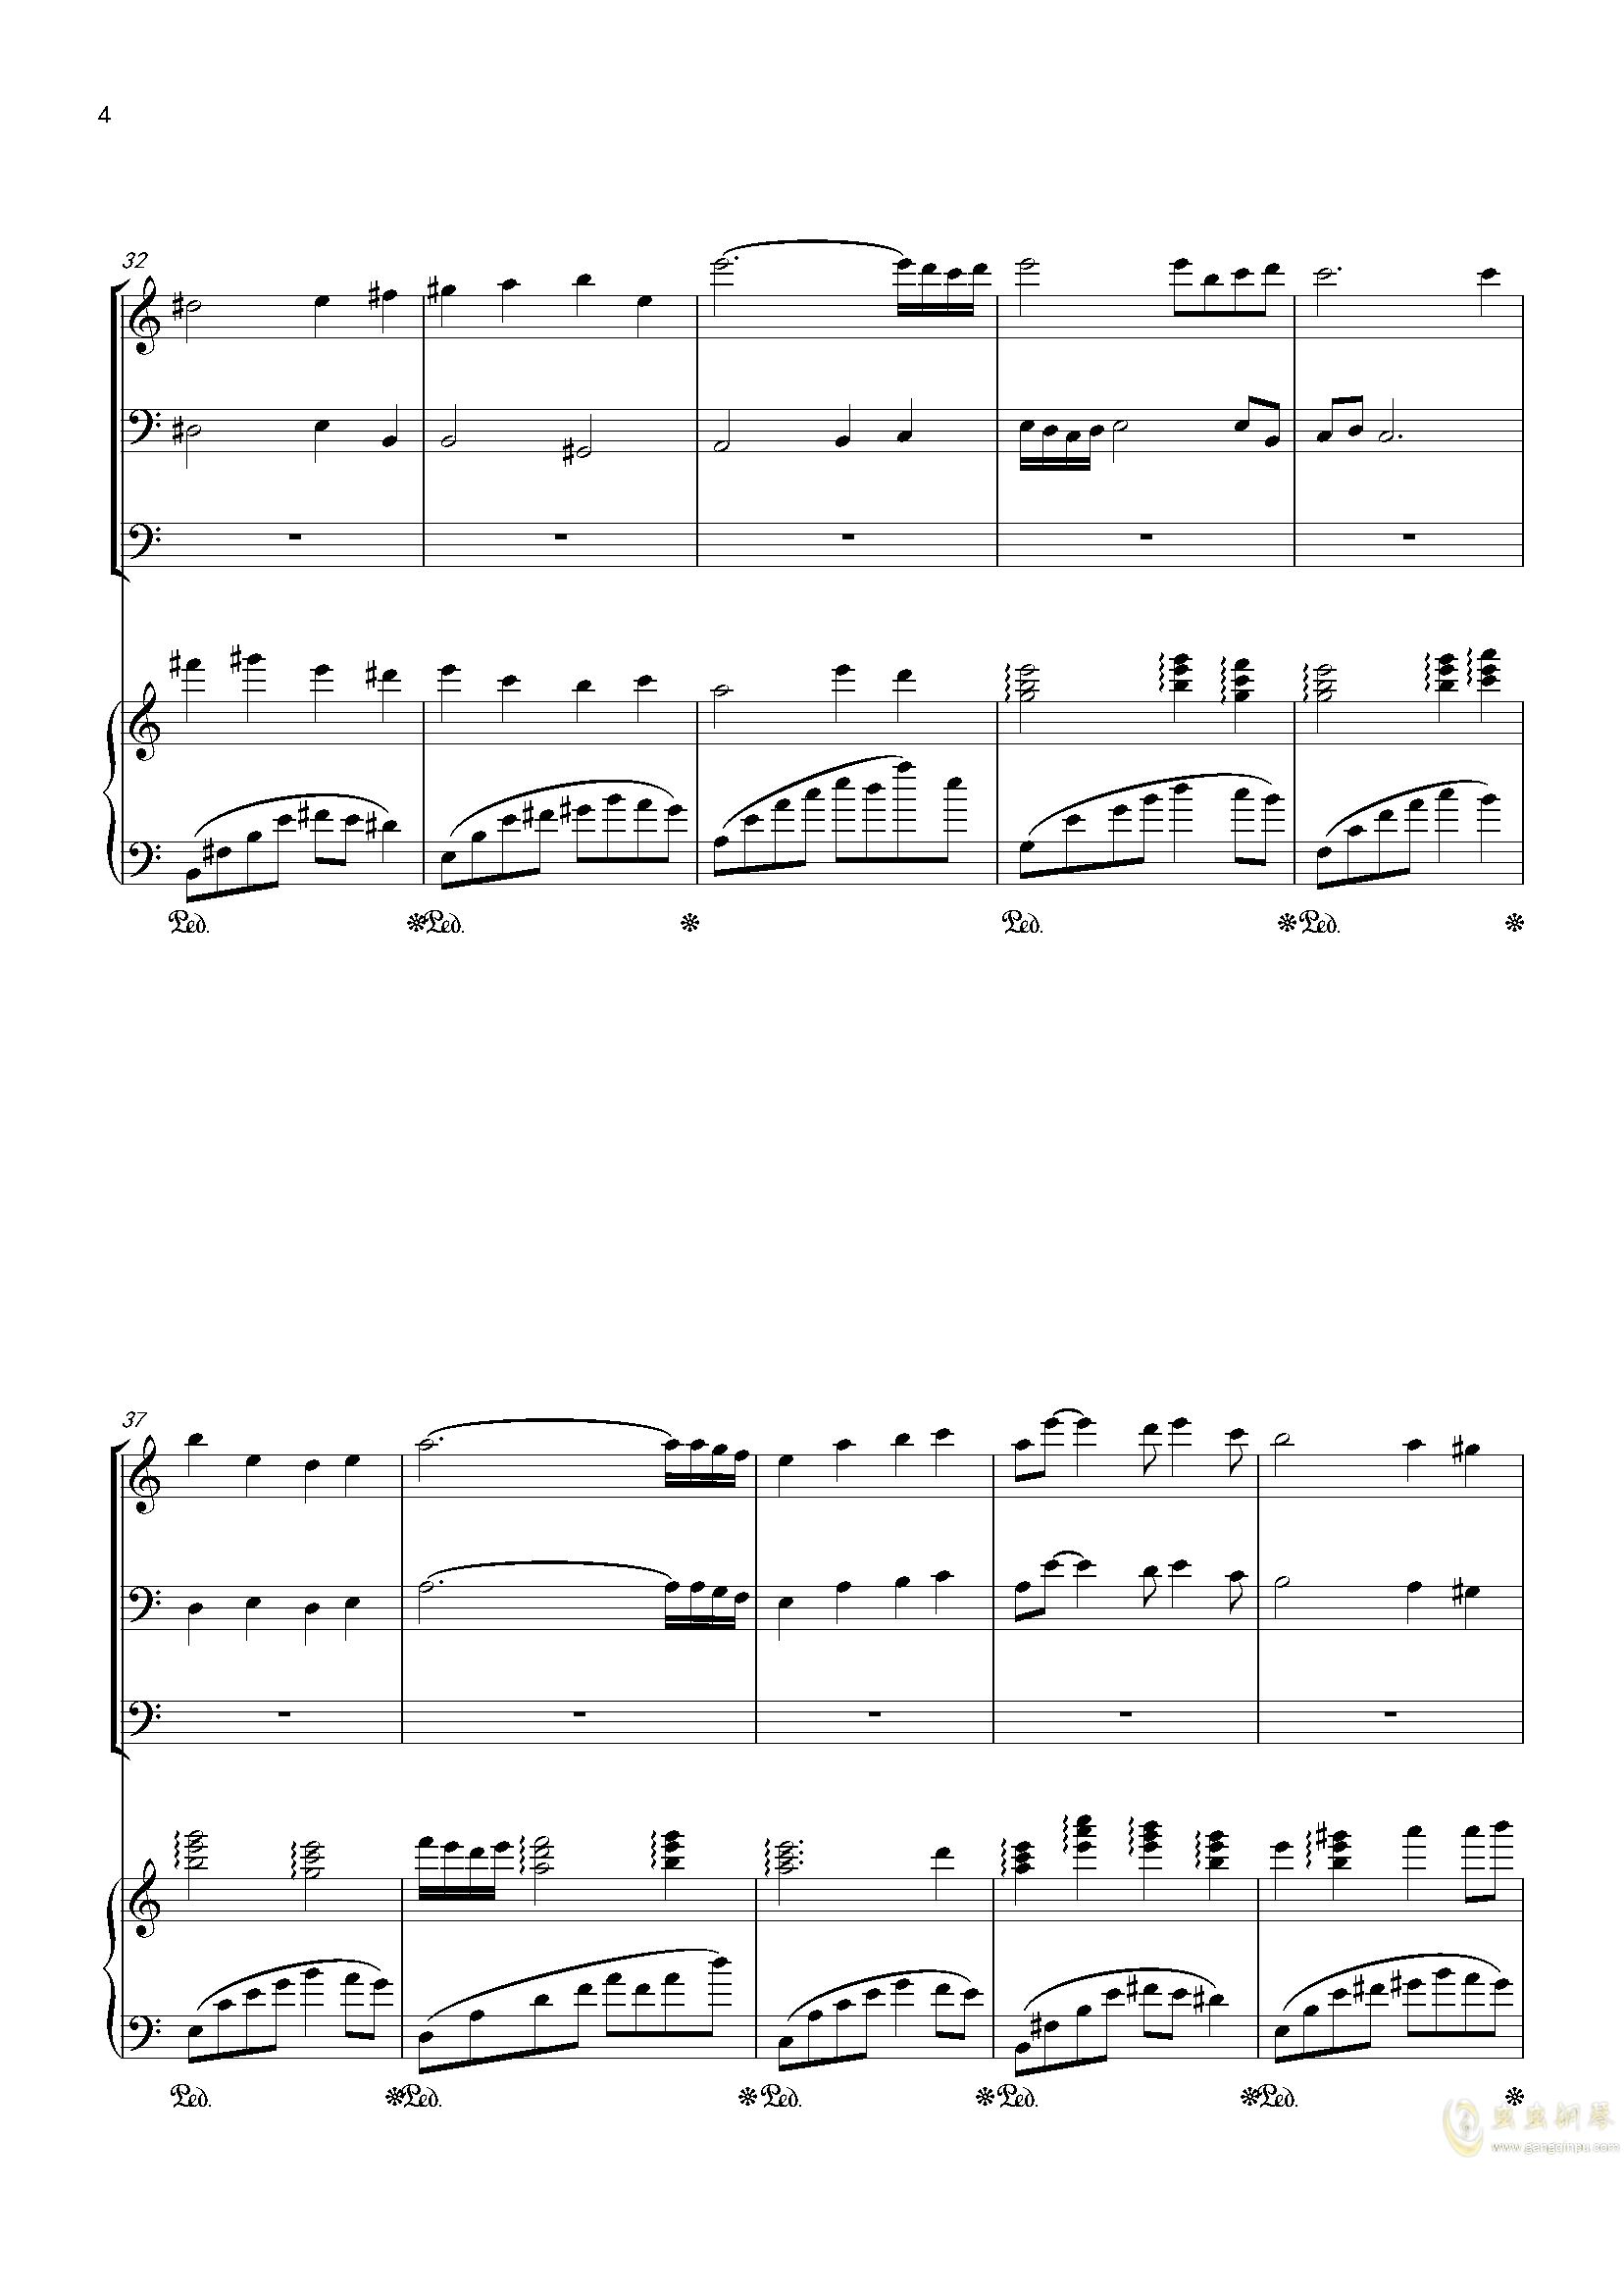 零落钢琴谱 第4页